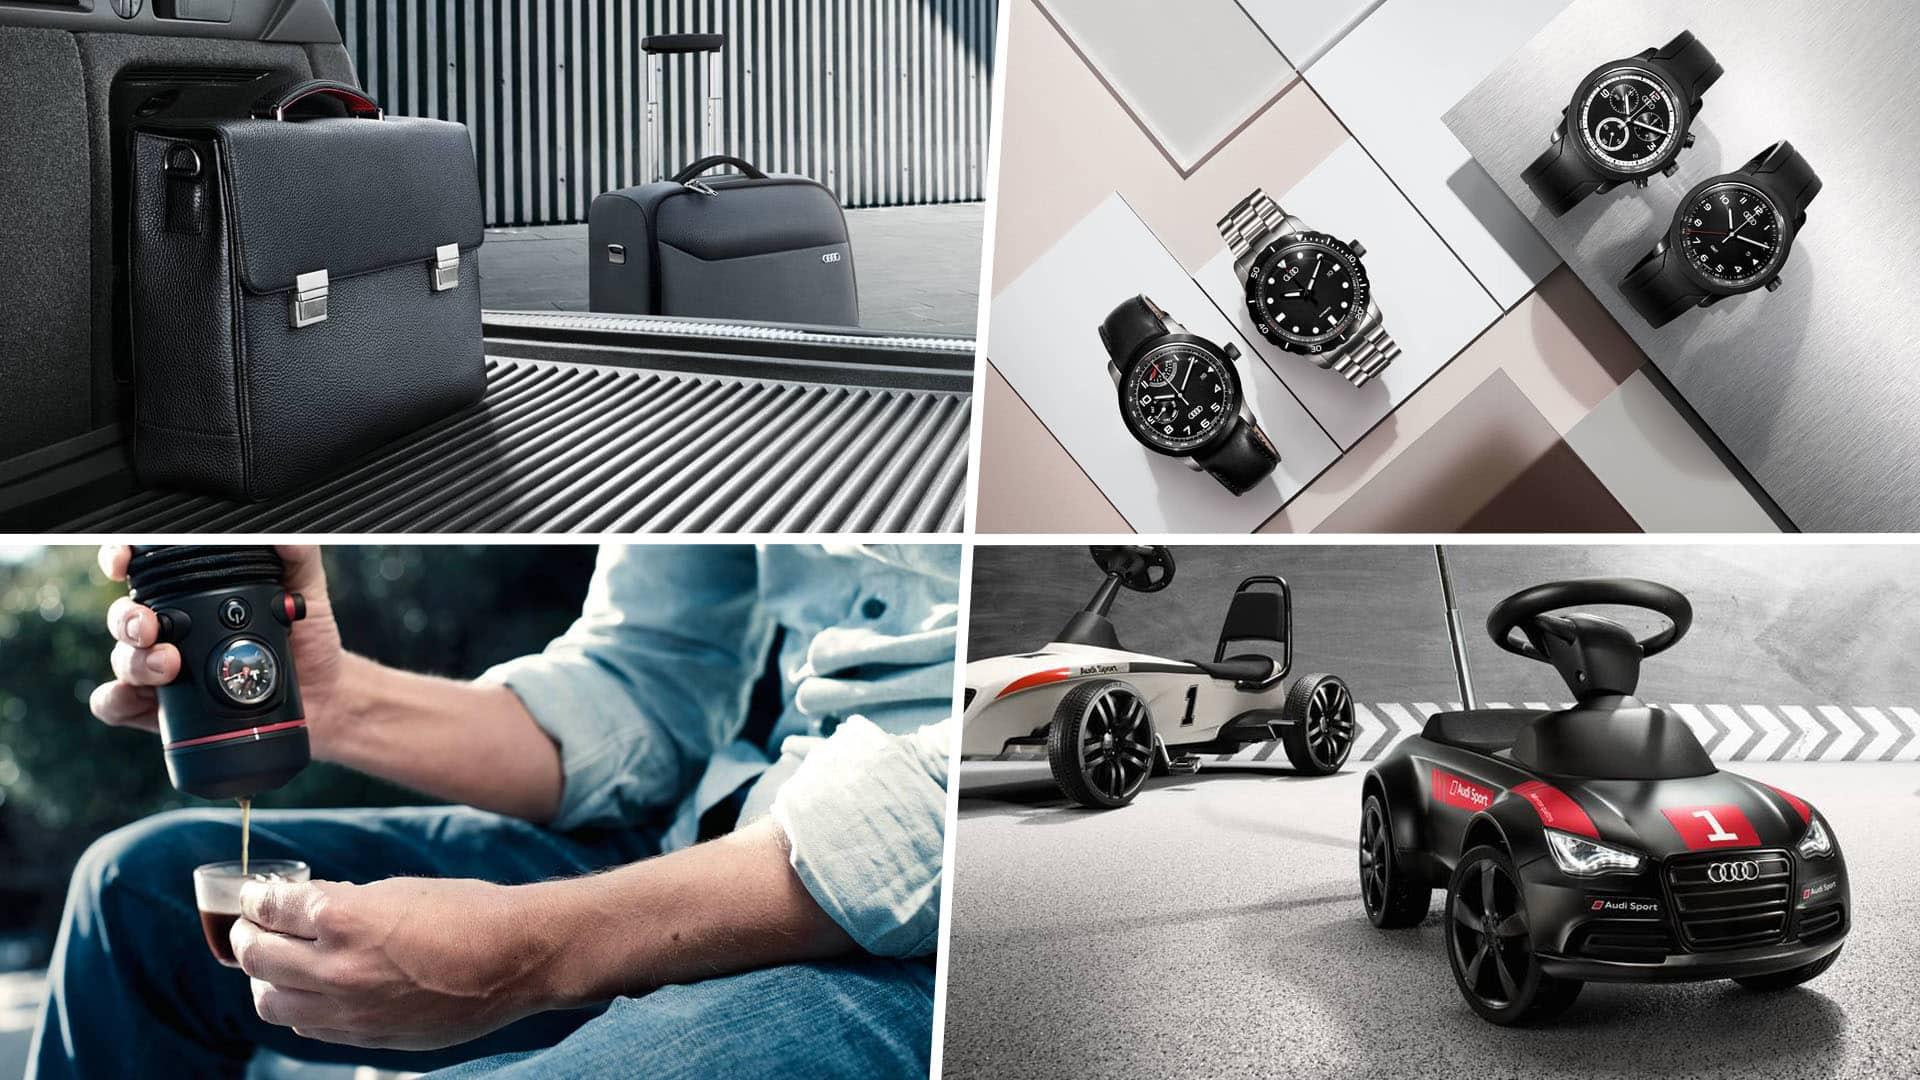 audi originele accessoires klantenportaal audi belgi. Black Bedroom Furniture Sets. Home Design Ideas